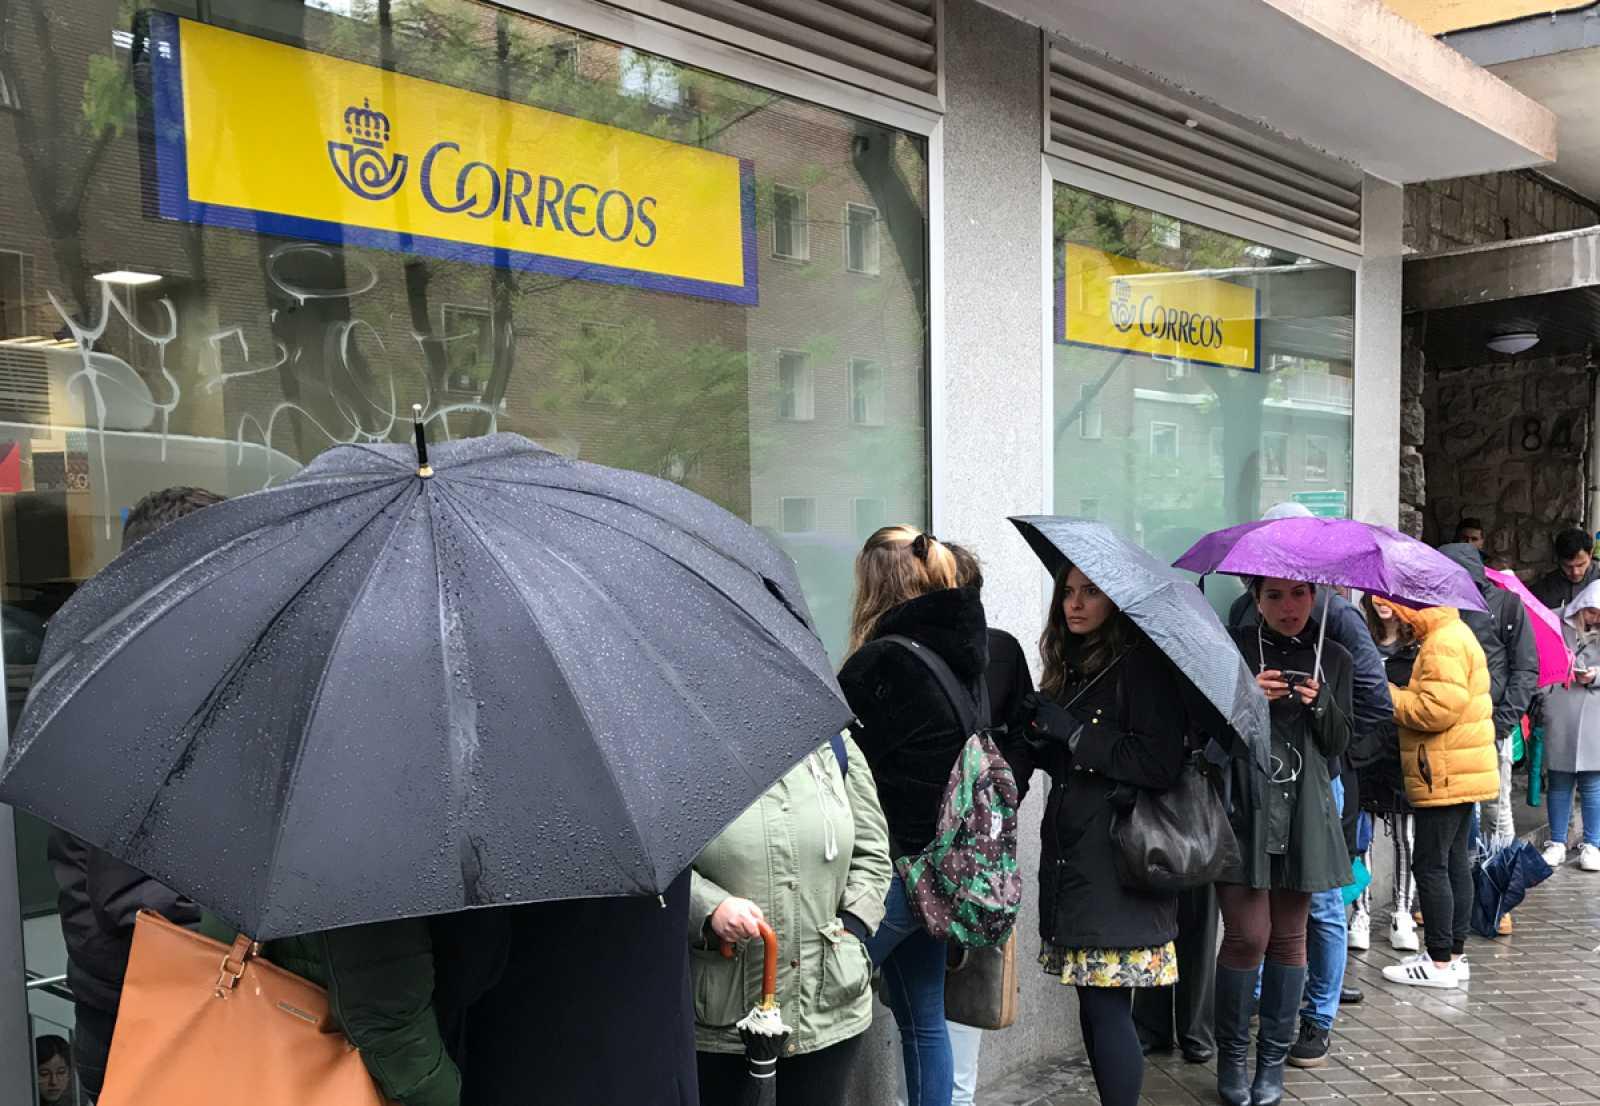 Colas de hasta cinco horas para votar en algunas oficinas de Correos